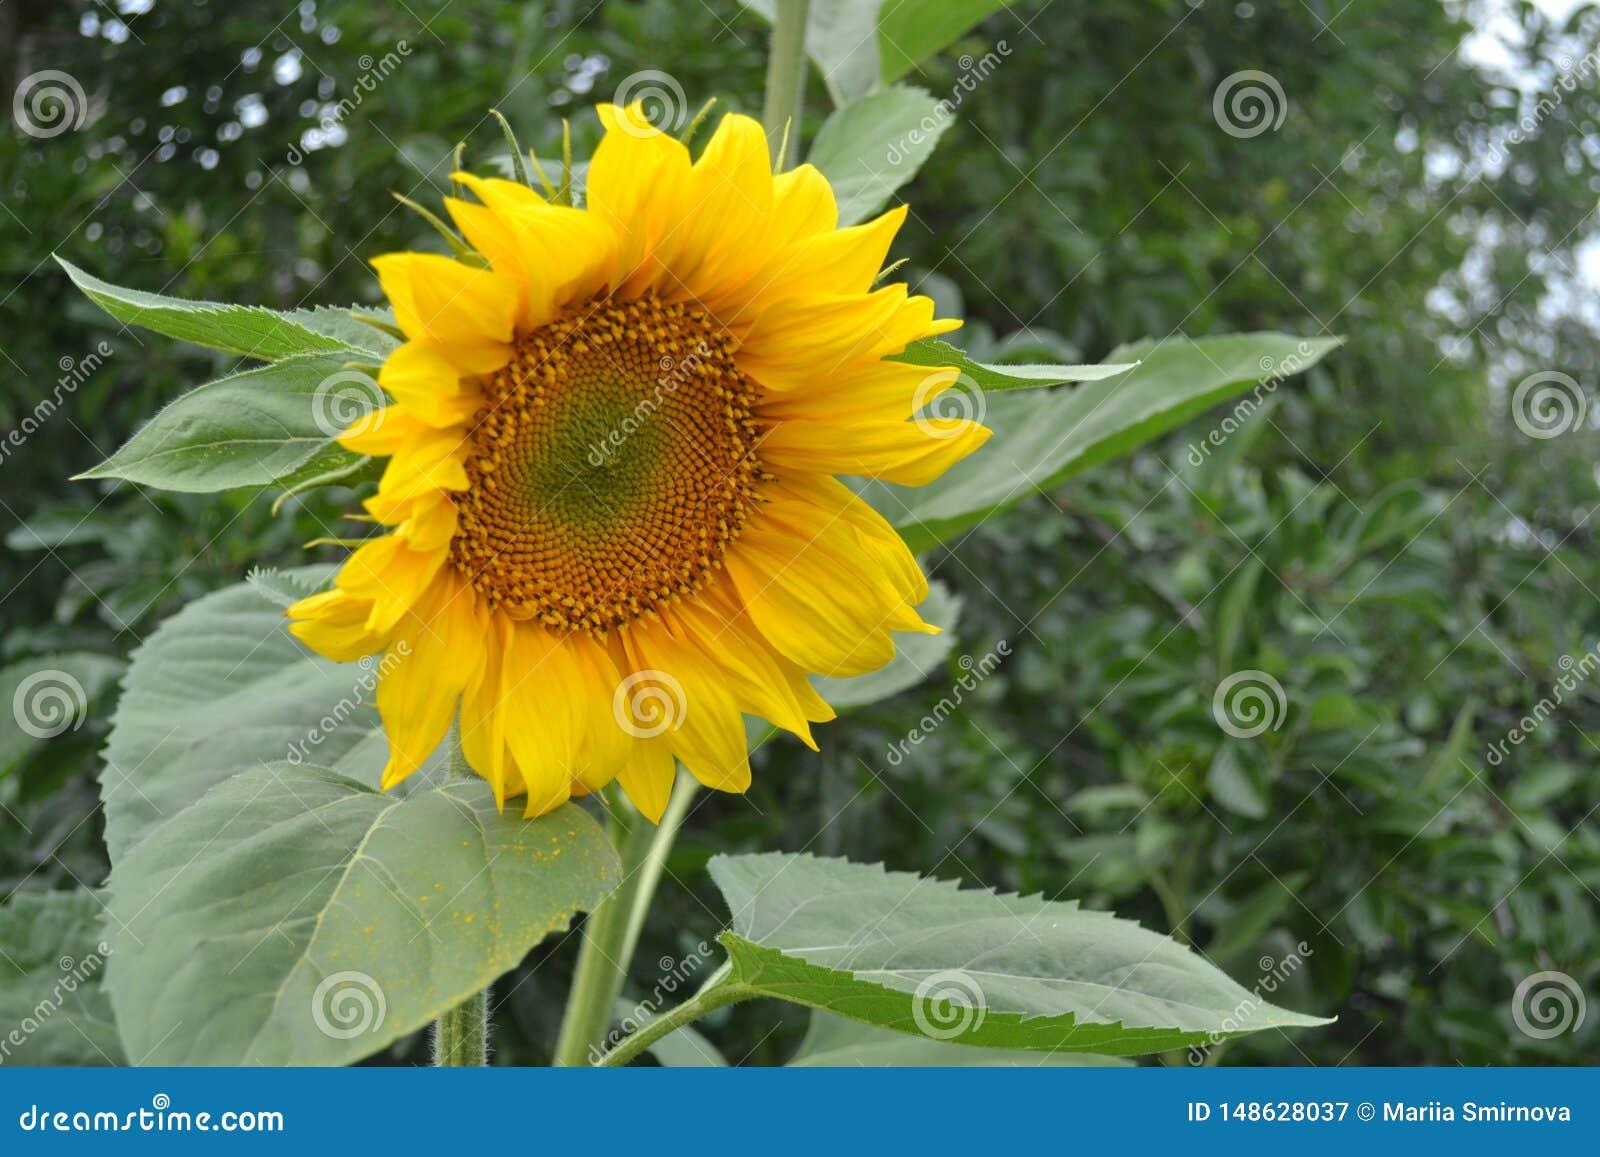 Bloem van gele zonnebloem